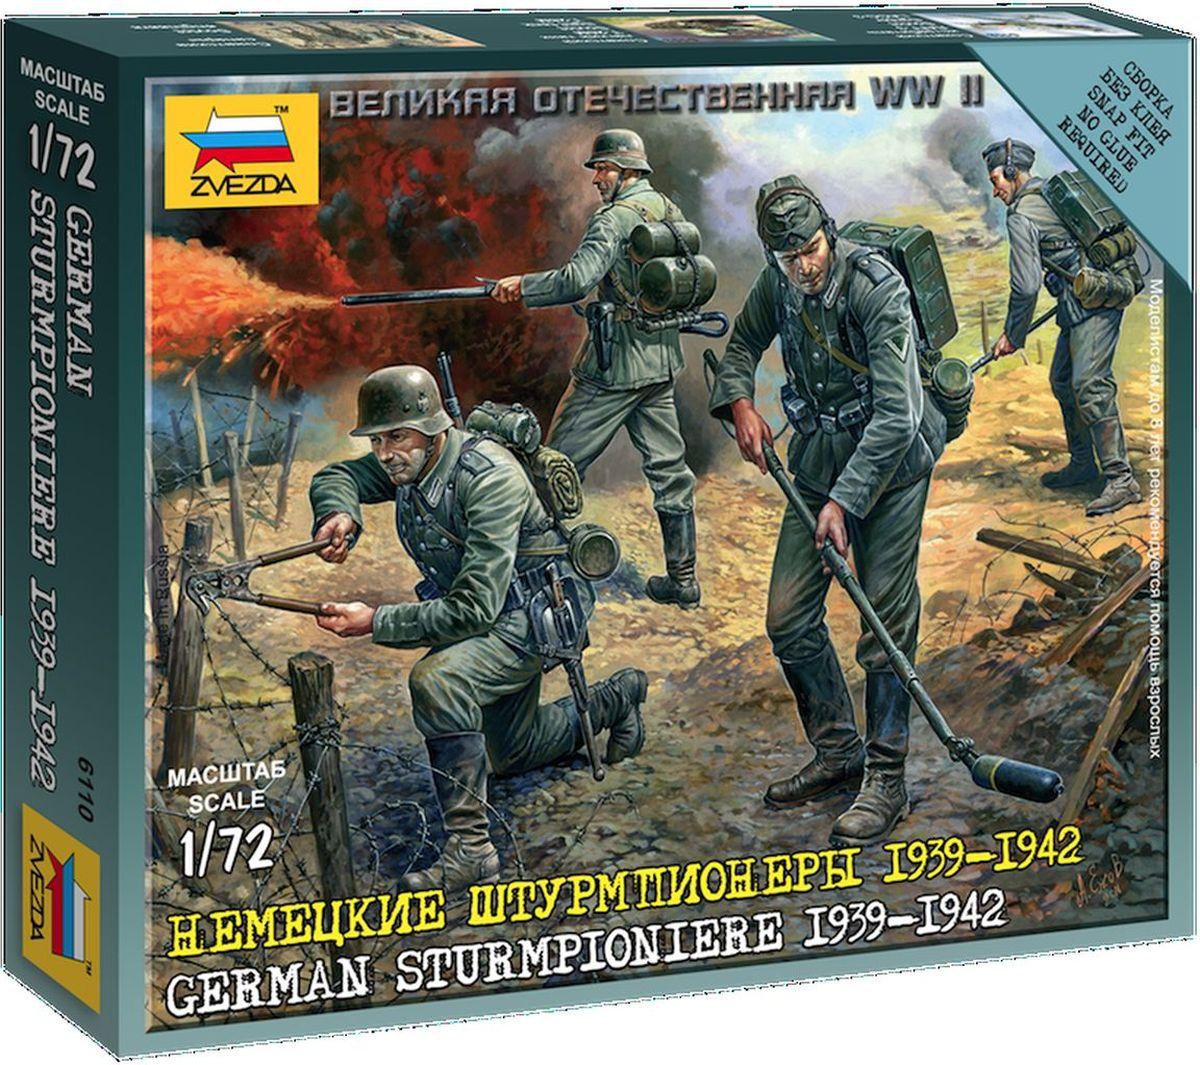 Звезда Сборная модель Немецкие штурмпионеры 1939-1942